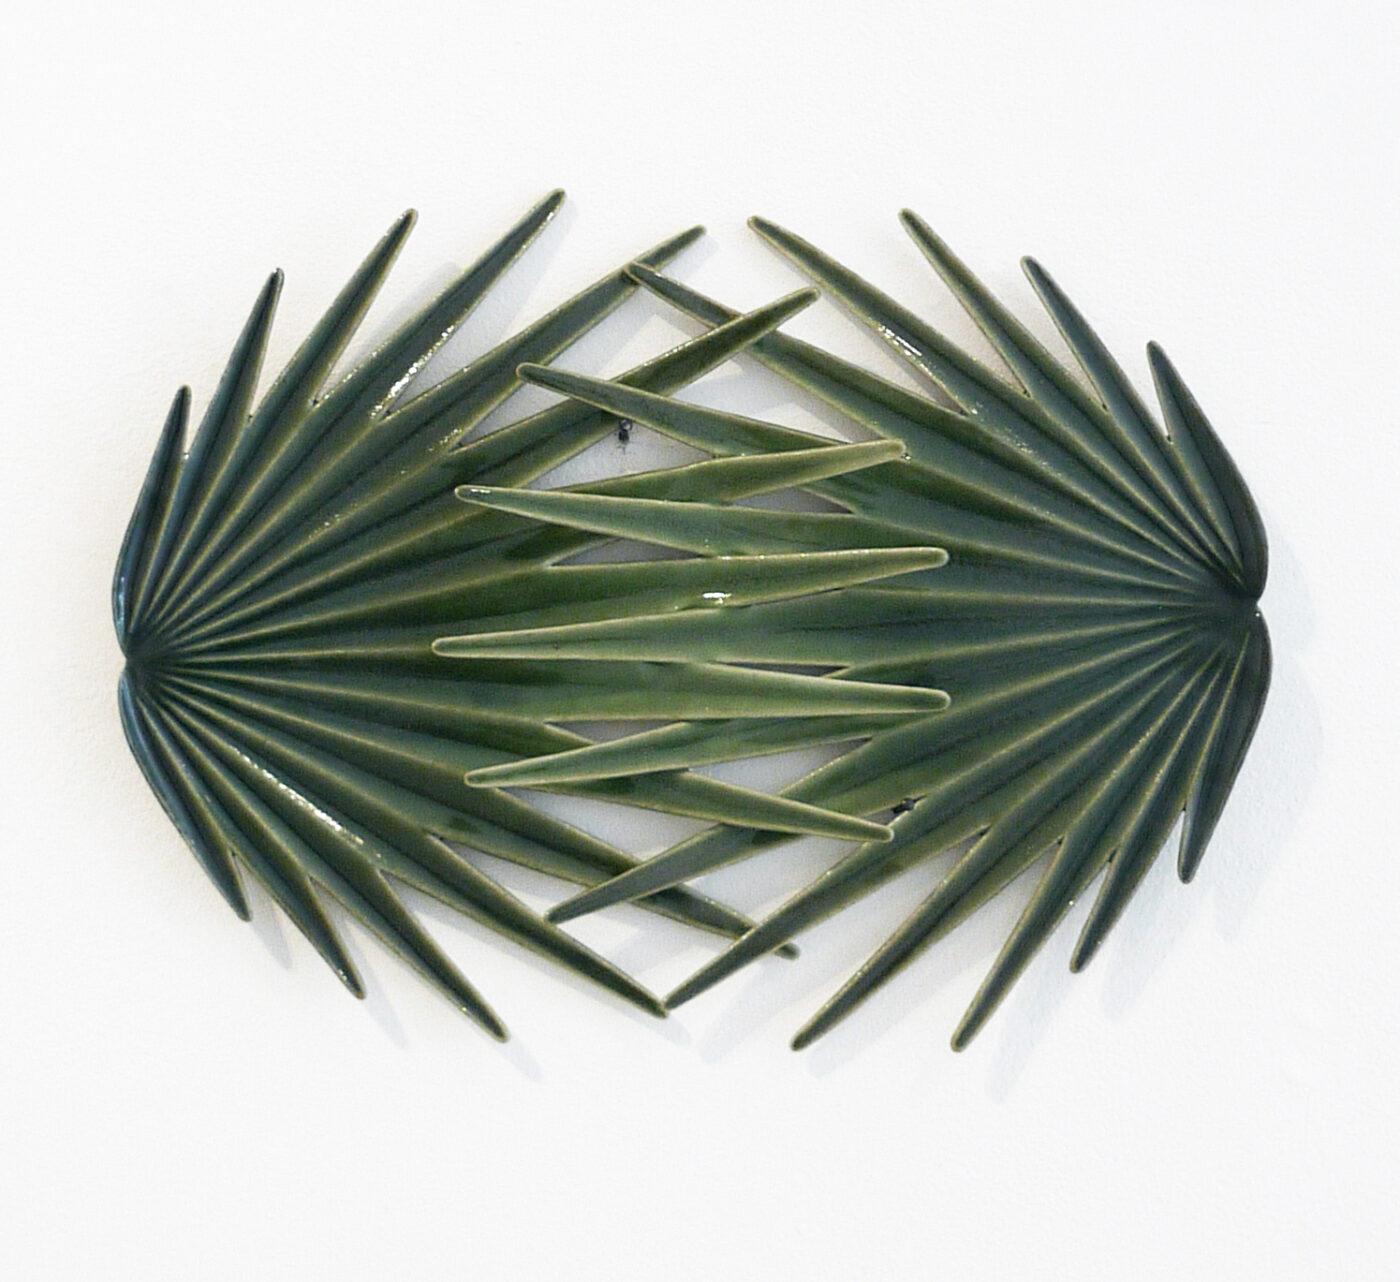 Keramiker Marianne Nielsen - Palmeblade, 2018